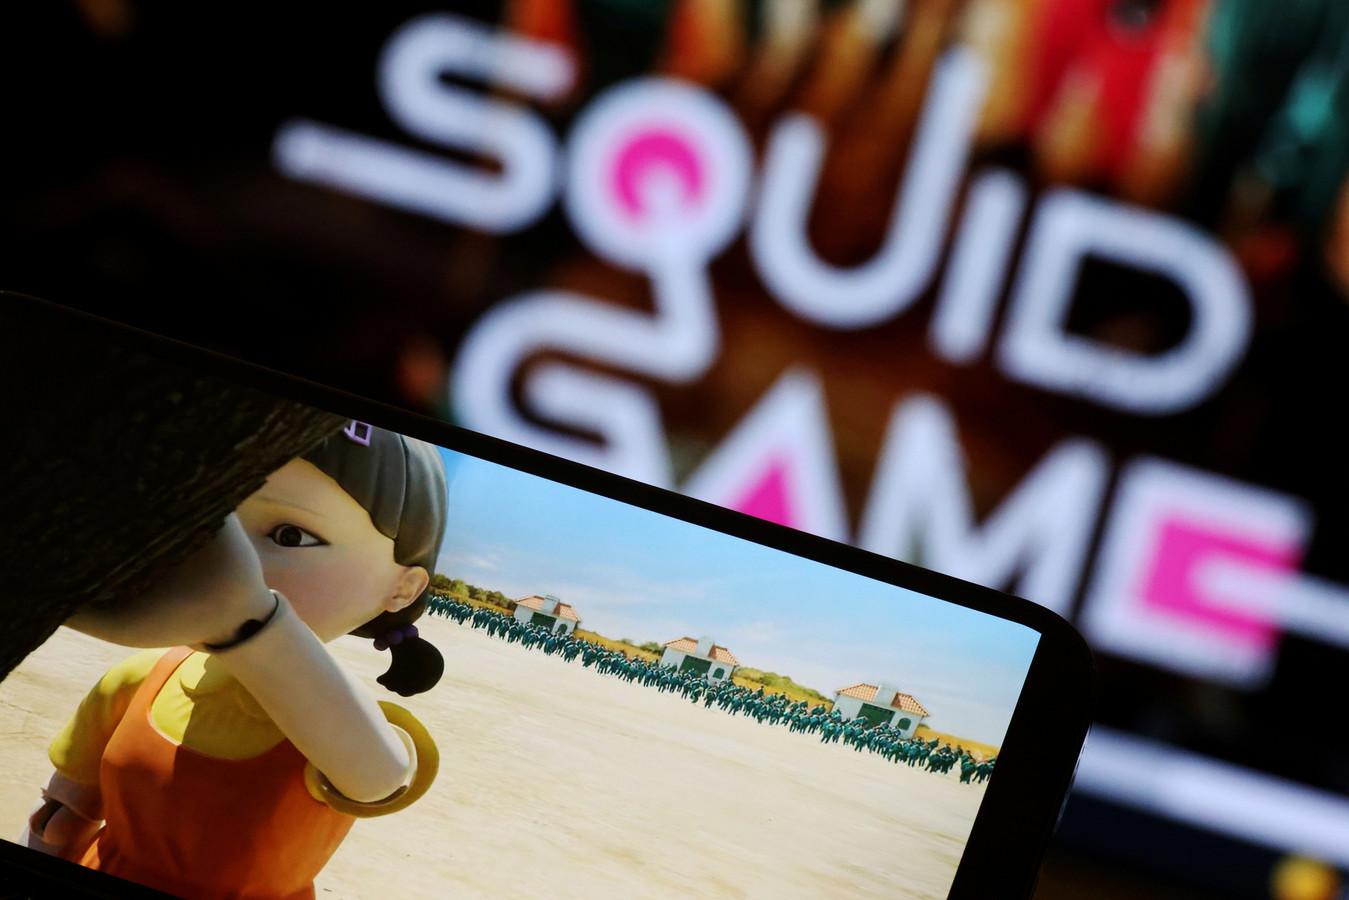 Het spel Red Light, Green Light in Squid Game. Oftewel: 'Annemaria koekoek'.